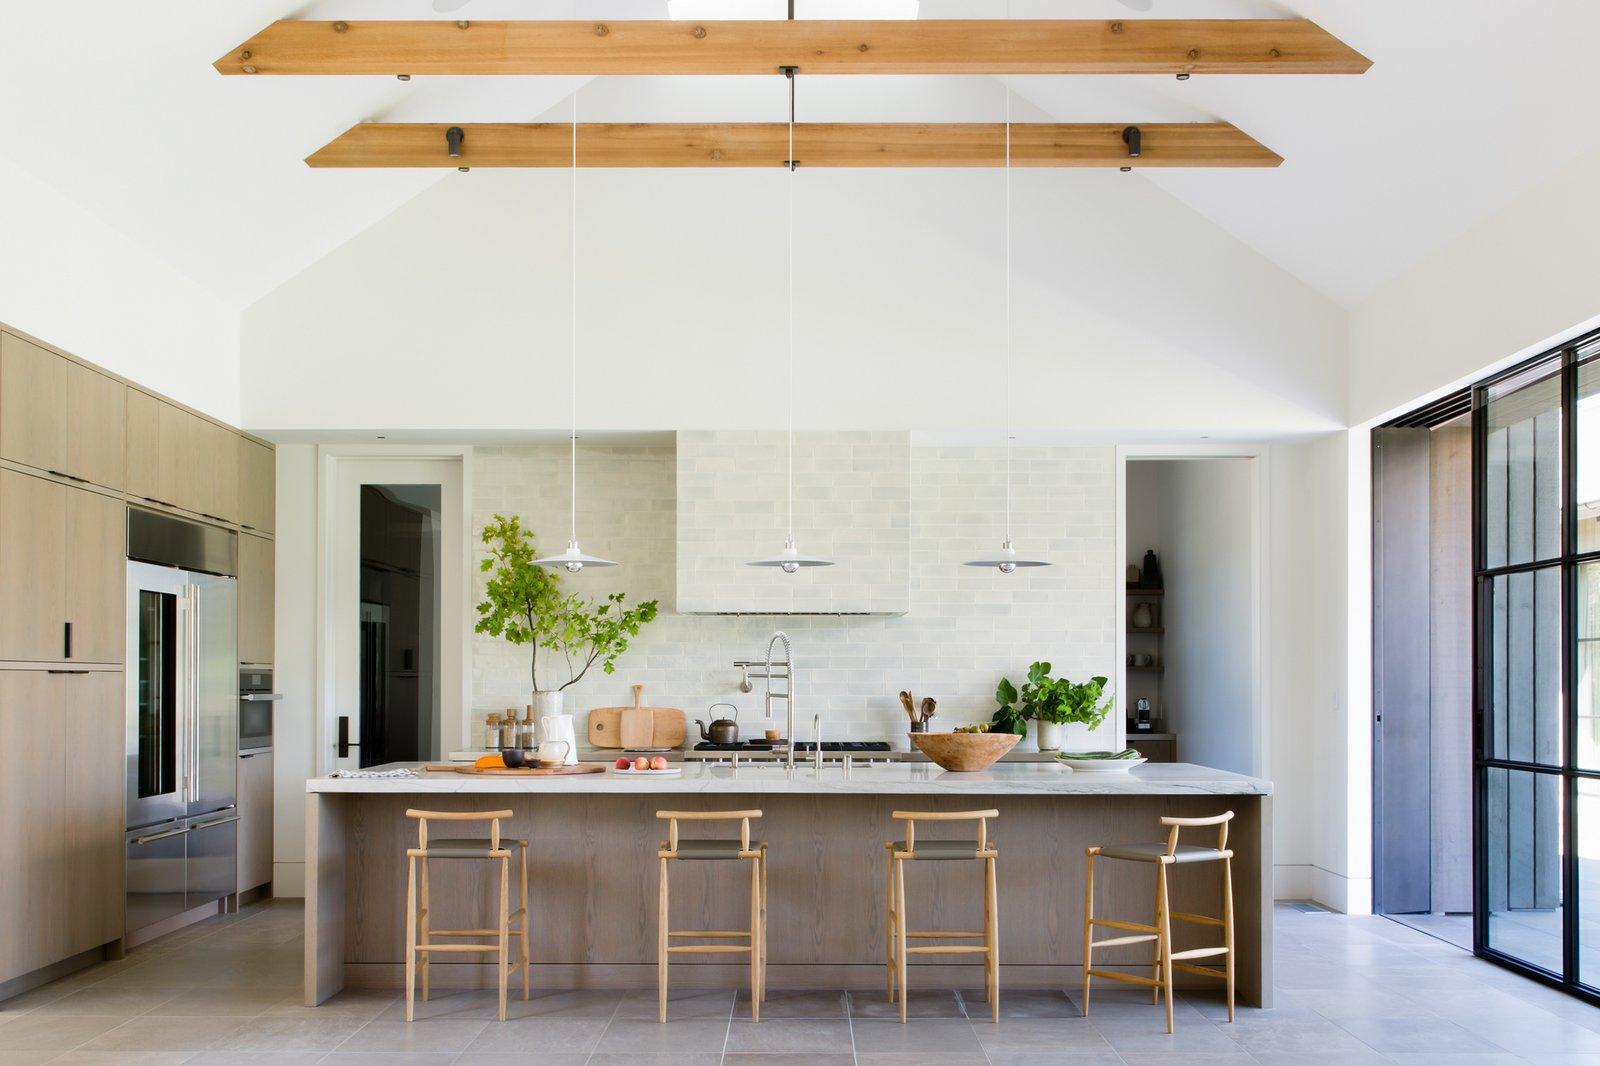 Calistoga Residence kitchen